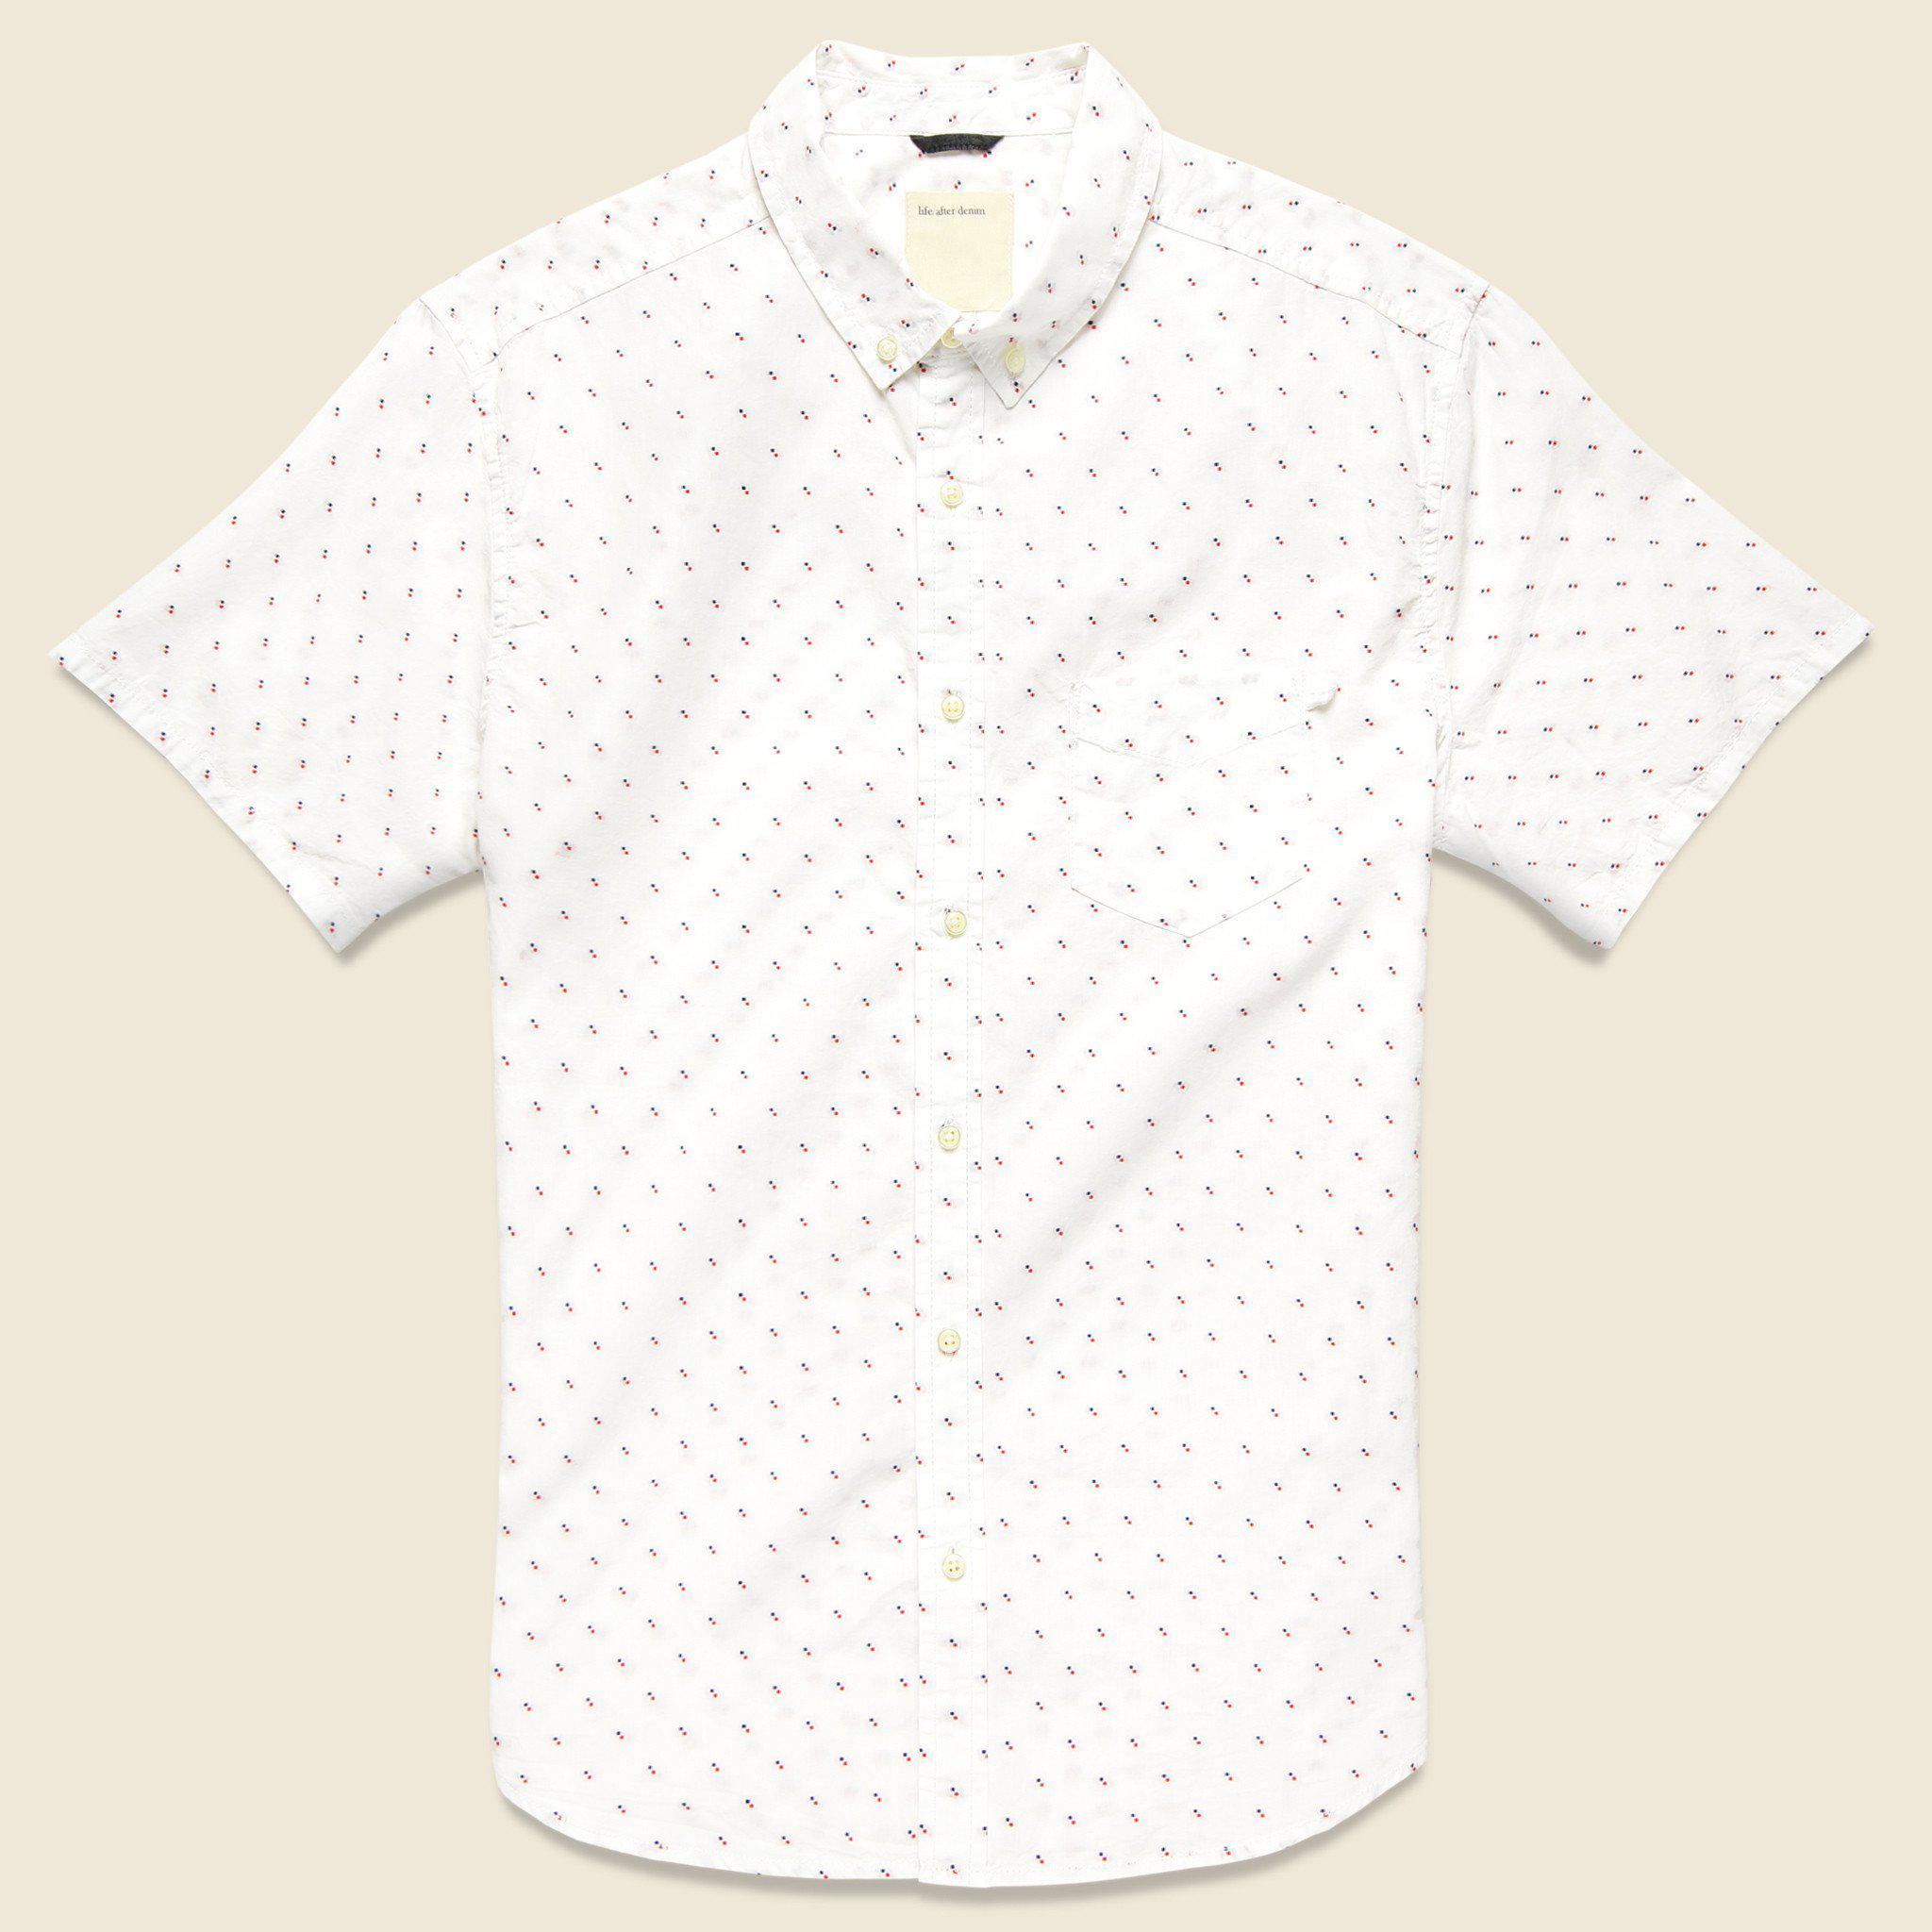 Lyst - Life After Denim Dobby Clipper Shirt - White in White for Men 1b9ea38fd